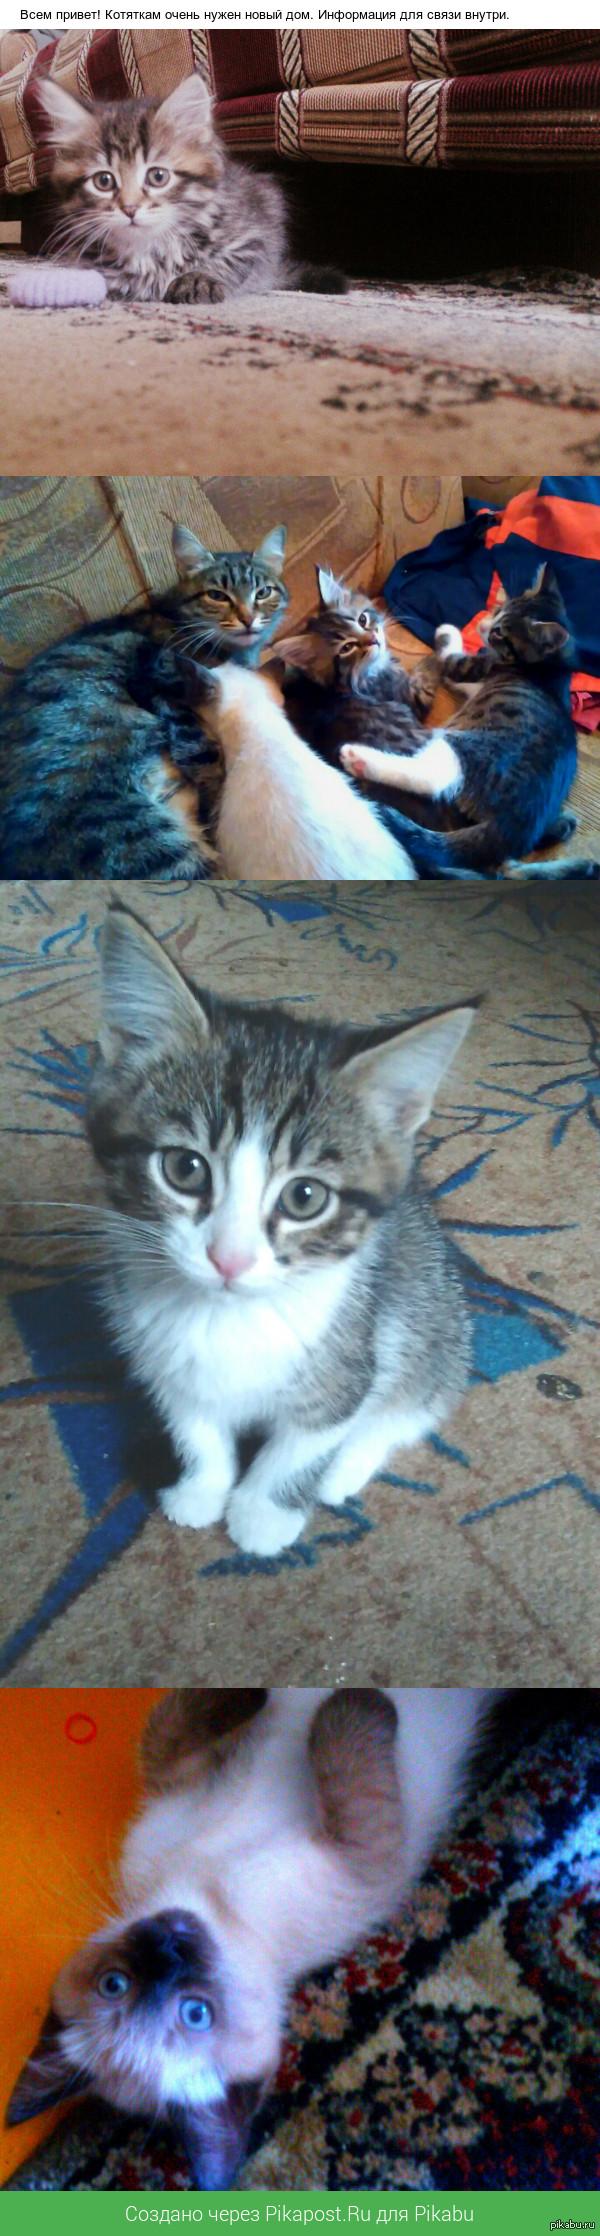 Отдадим котяток в добрые руки. Екатеринбург